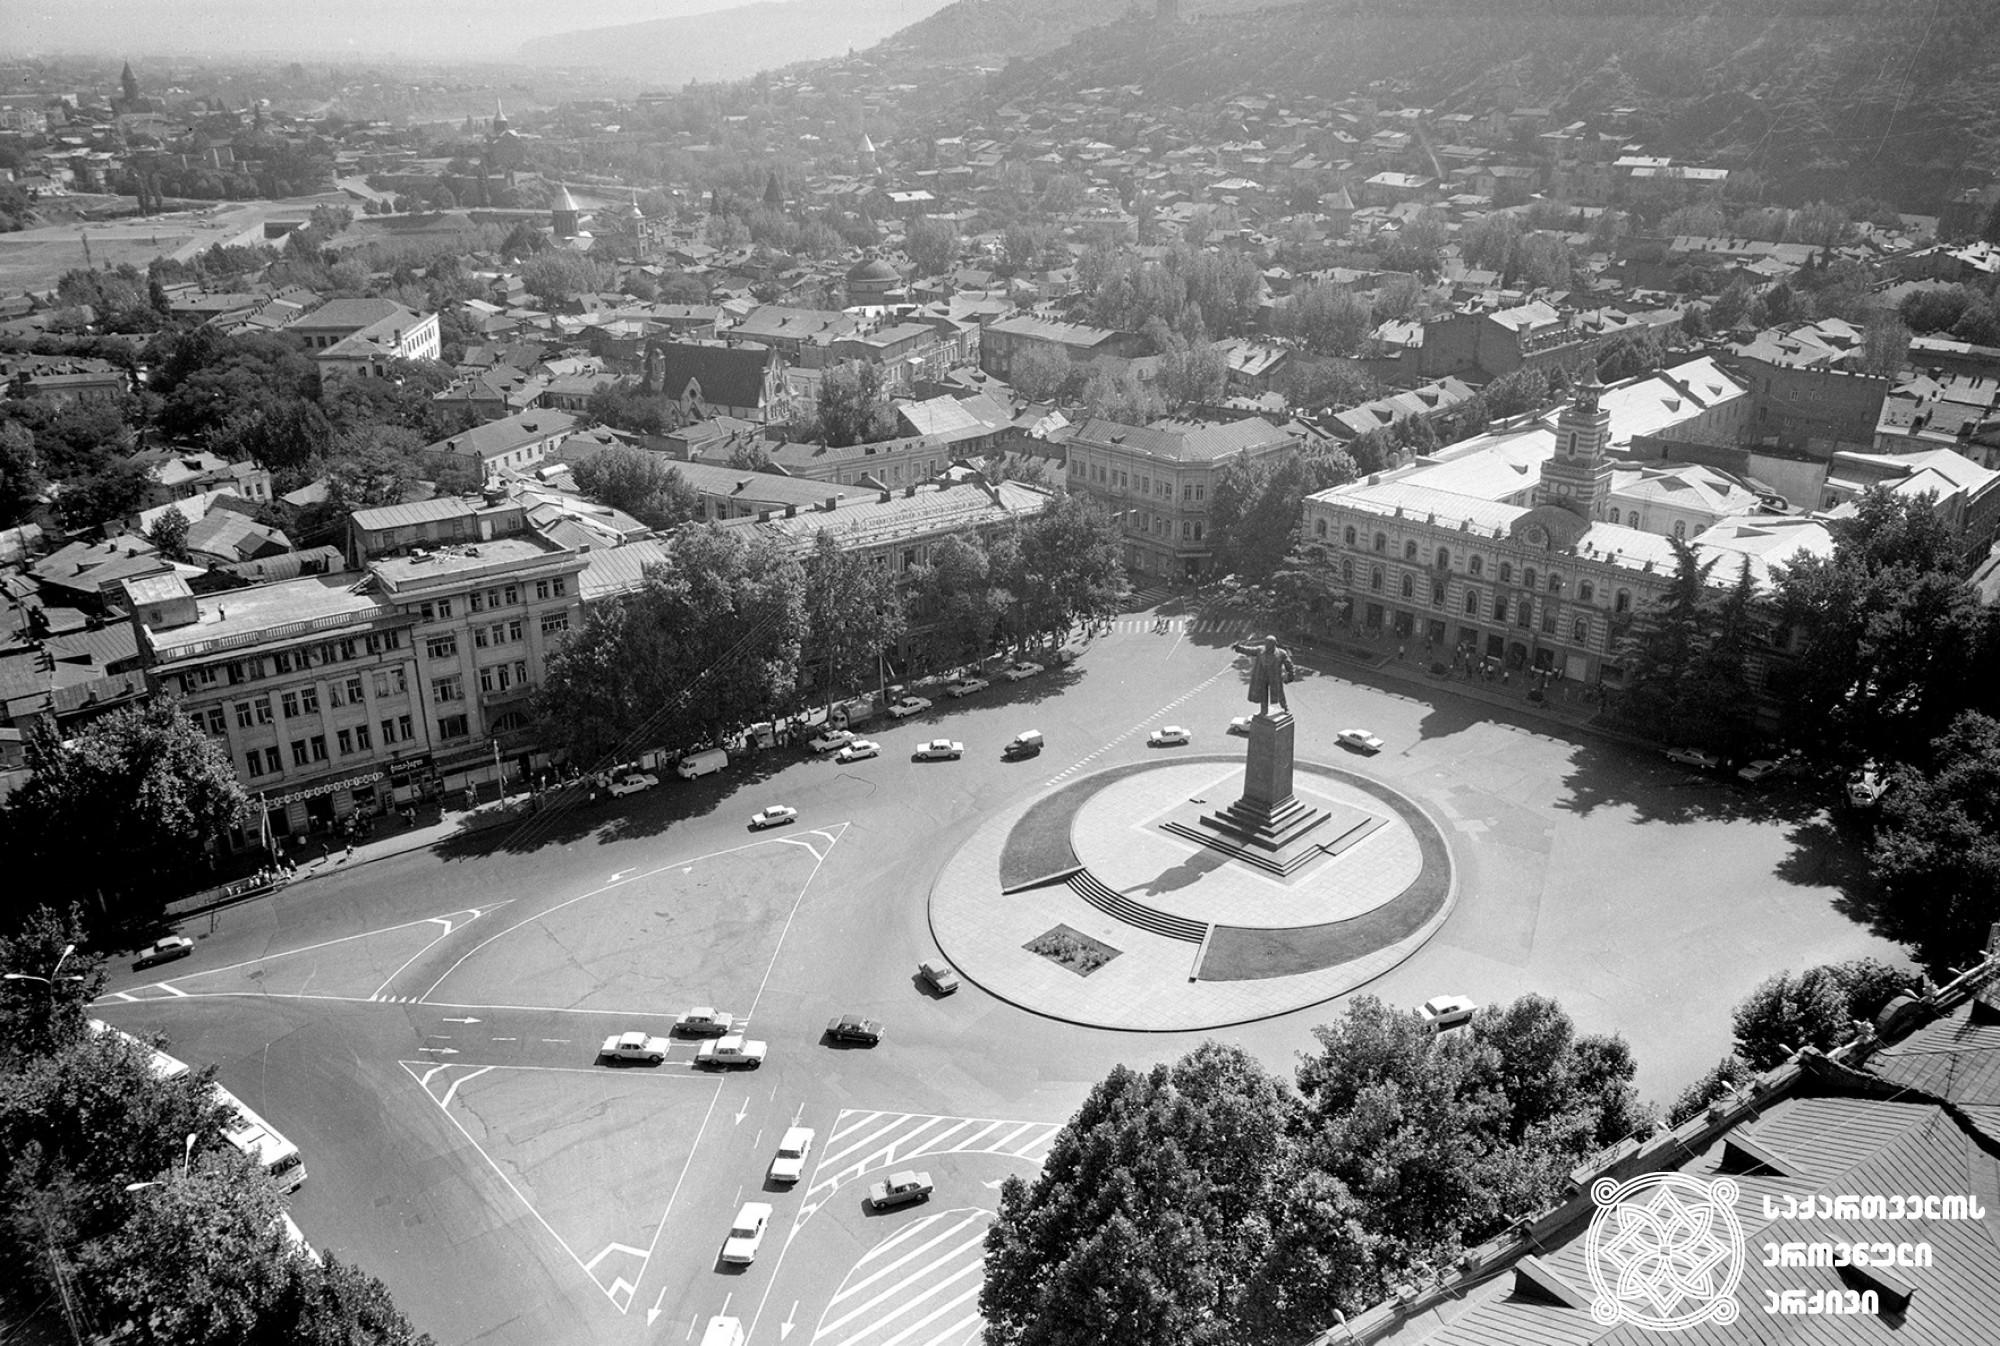 ლენინის მოედნის საერთო ხედი (დღევანდელითავისუფლების მოედანი). თბილისი. <br> ფოტო: ვ. ჩერკასოვი. <br>1946. General view of Lenin Square (Today Freedom Square). Tbilisi. <br> Photo by V. Cherkasov. <br>1946.